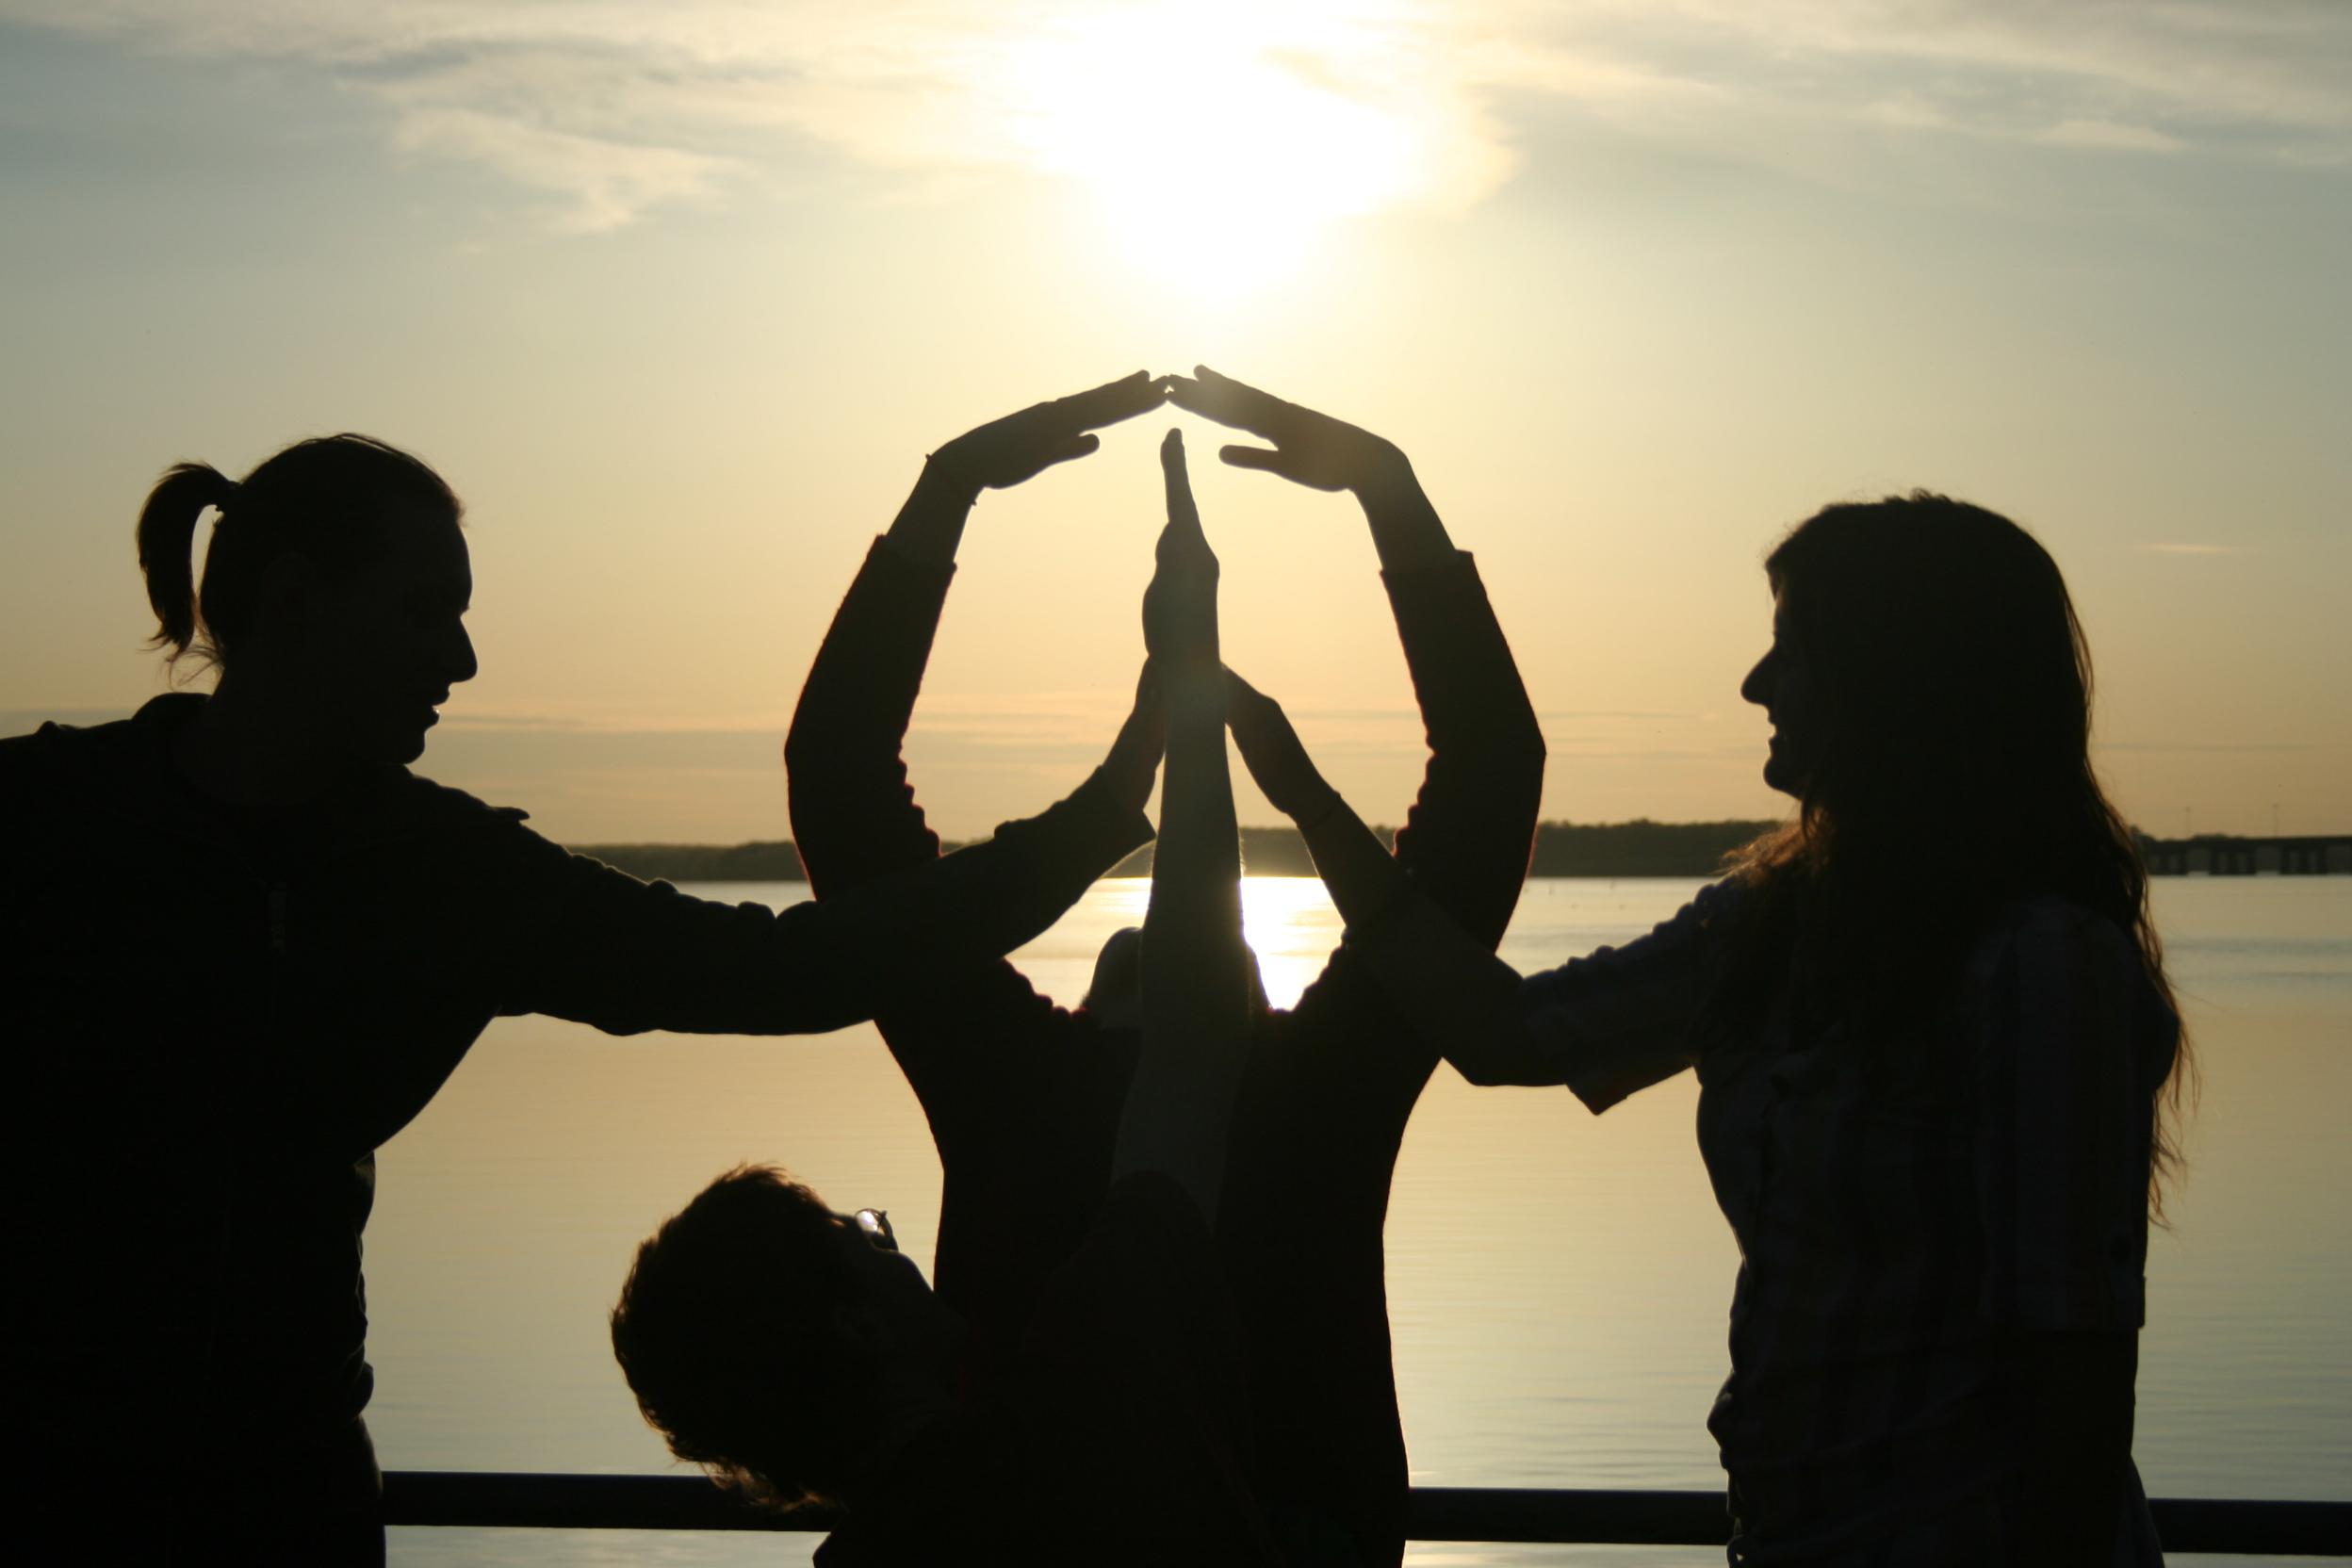 peace festival ireland, europe